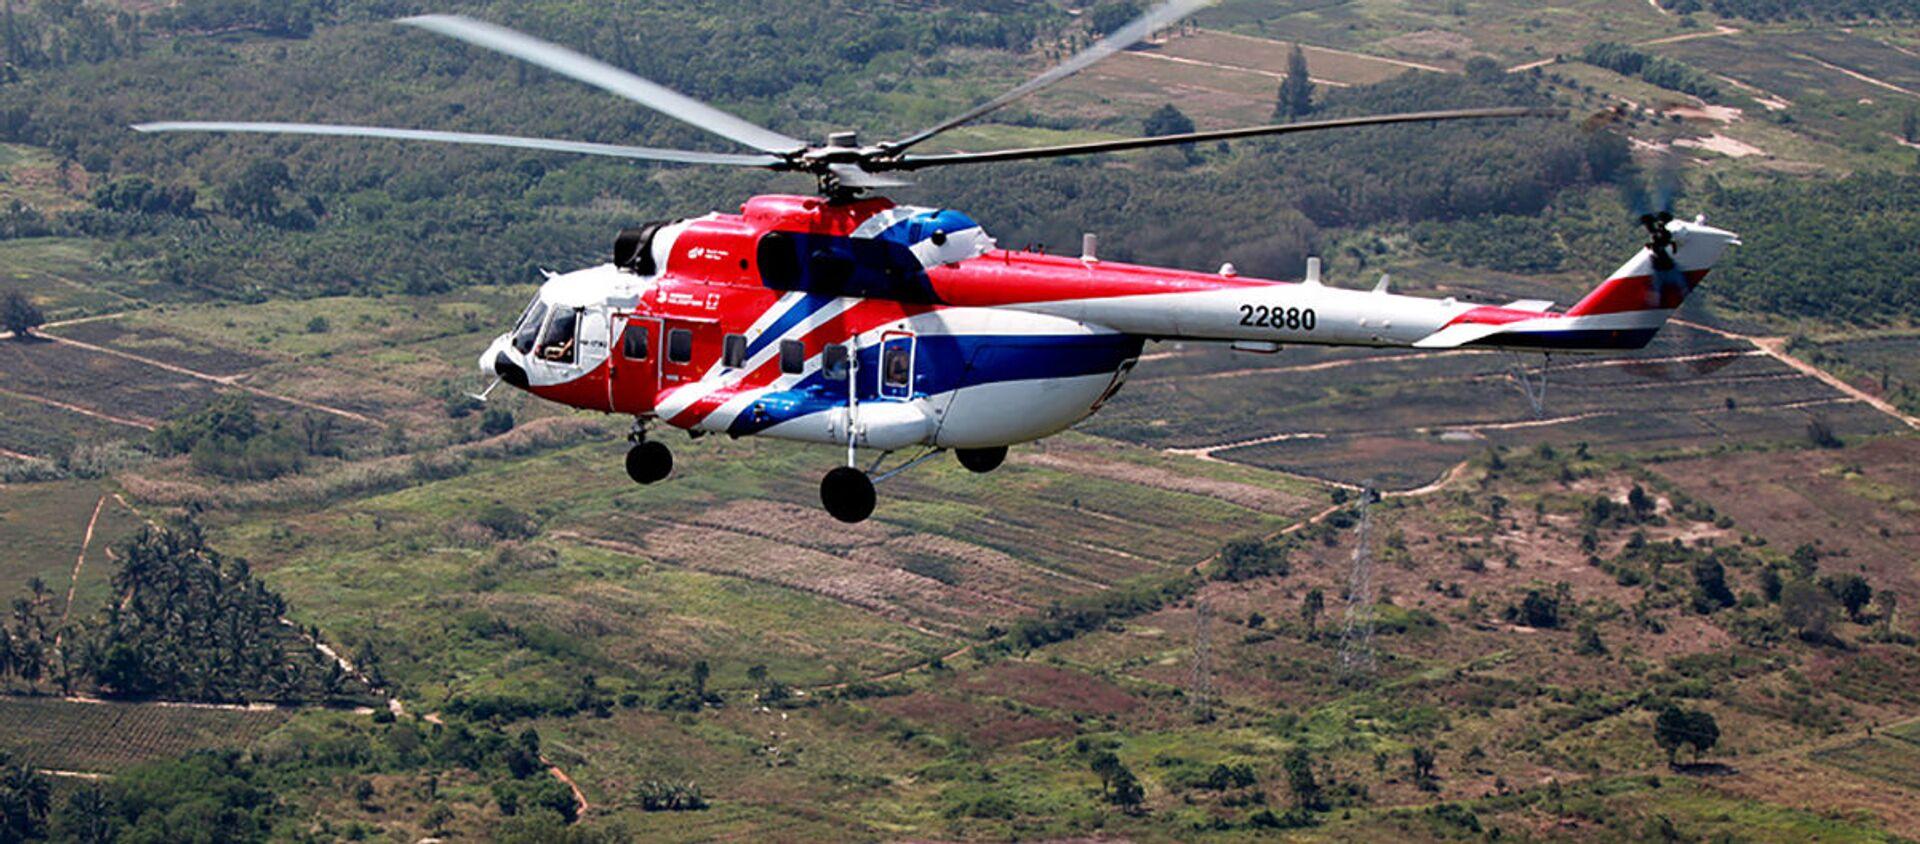 Trực thăng dân dụng đa năng Mi-171A2 - Sputnik Việt Nam, 1920, 19.07.2021